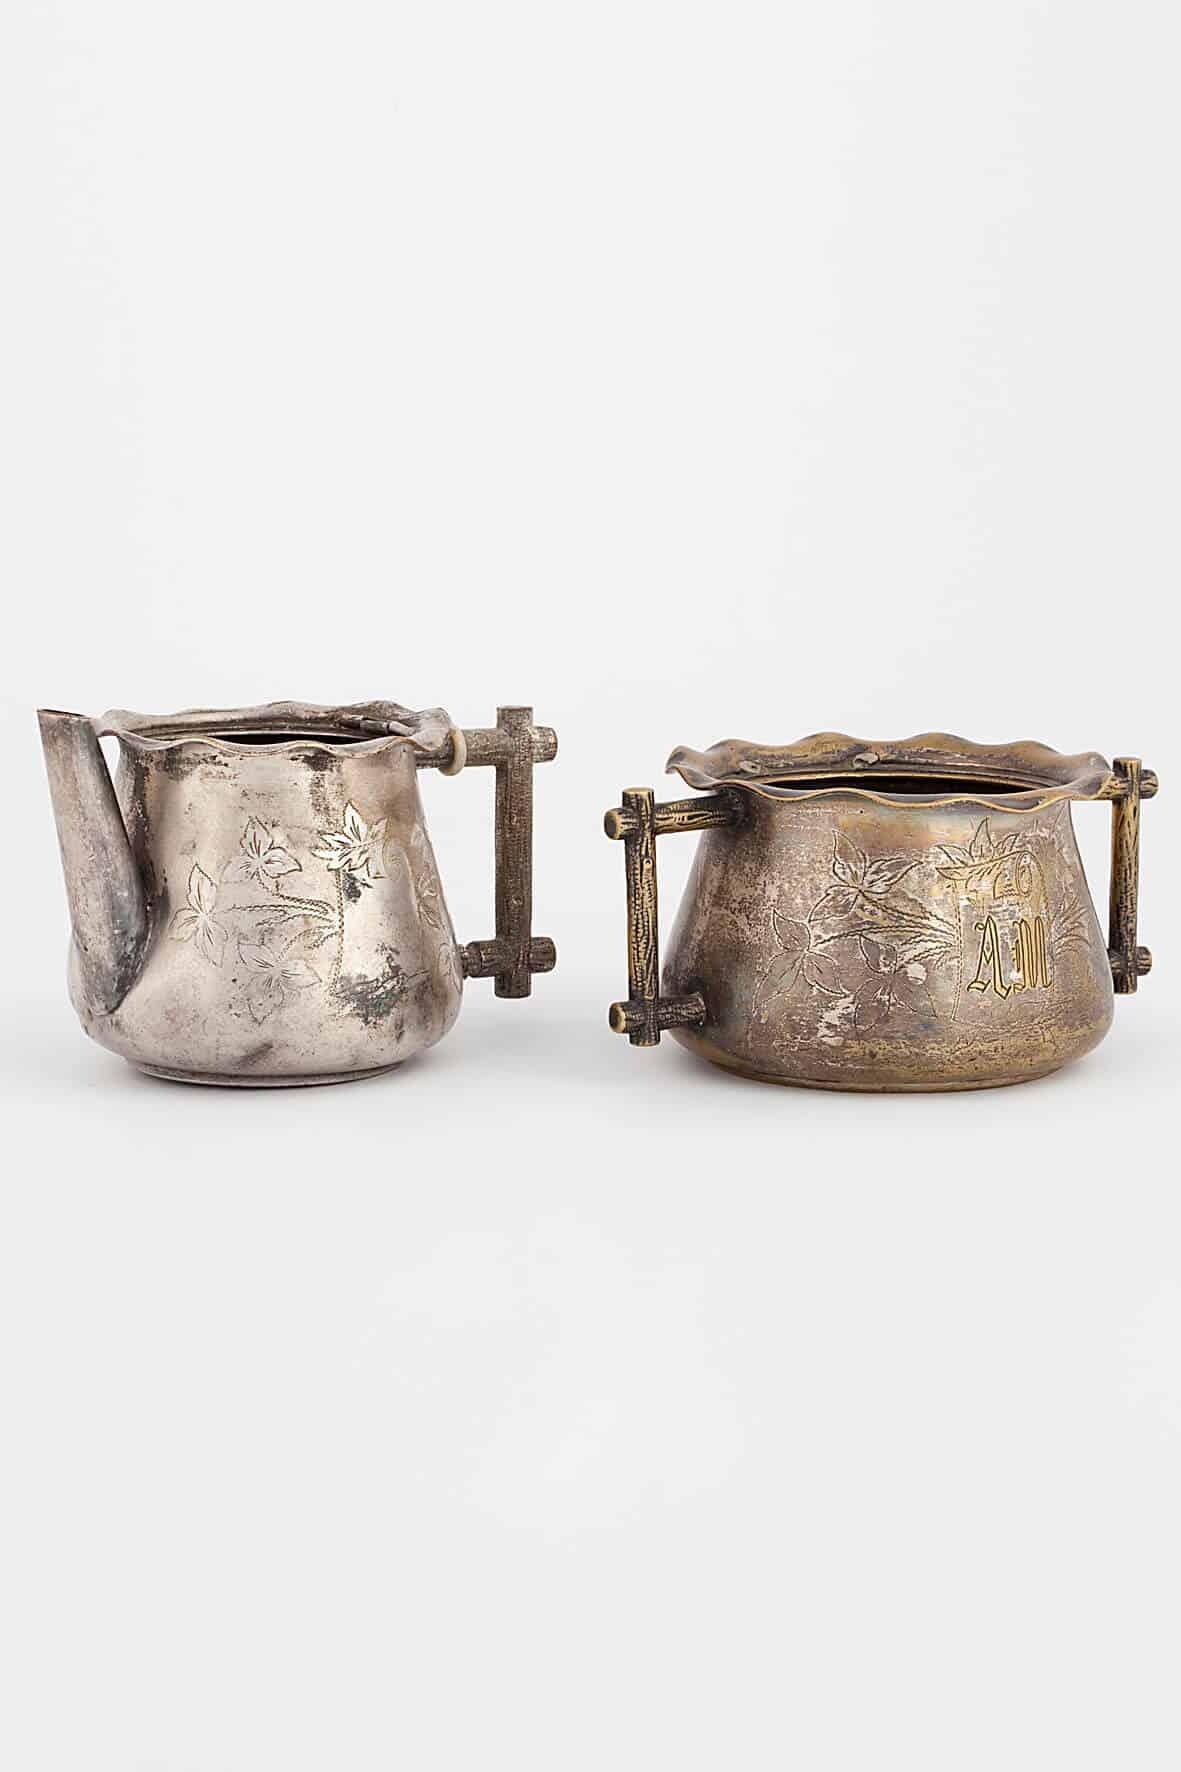 КБ 398-399 | Сервиз из сахарницы и чайника заварочного | Музей самоваров и бульоток